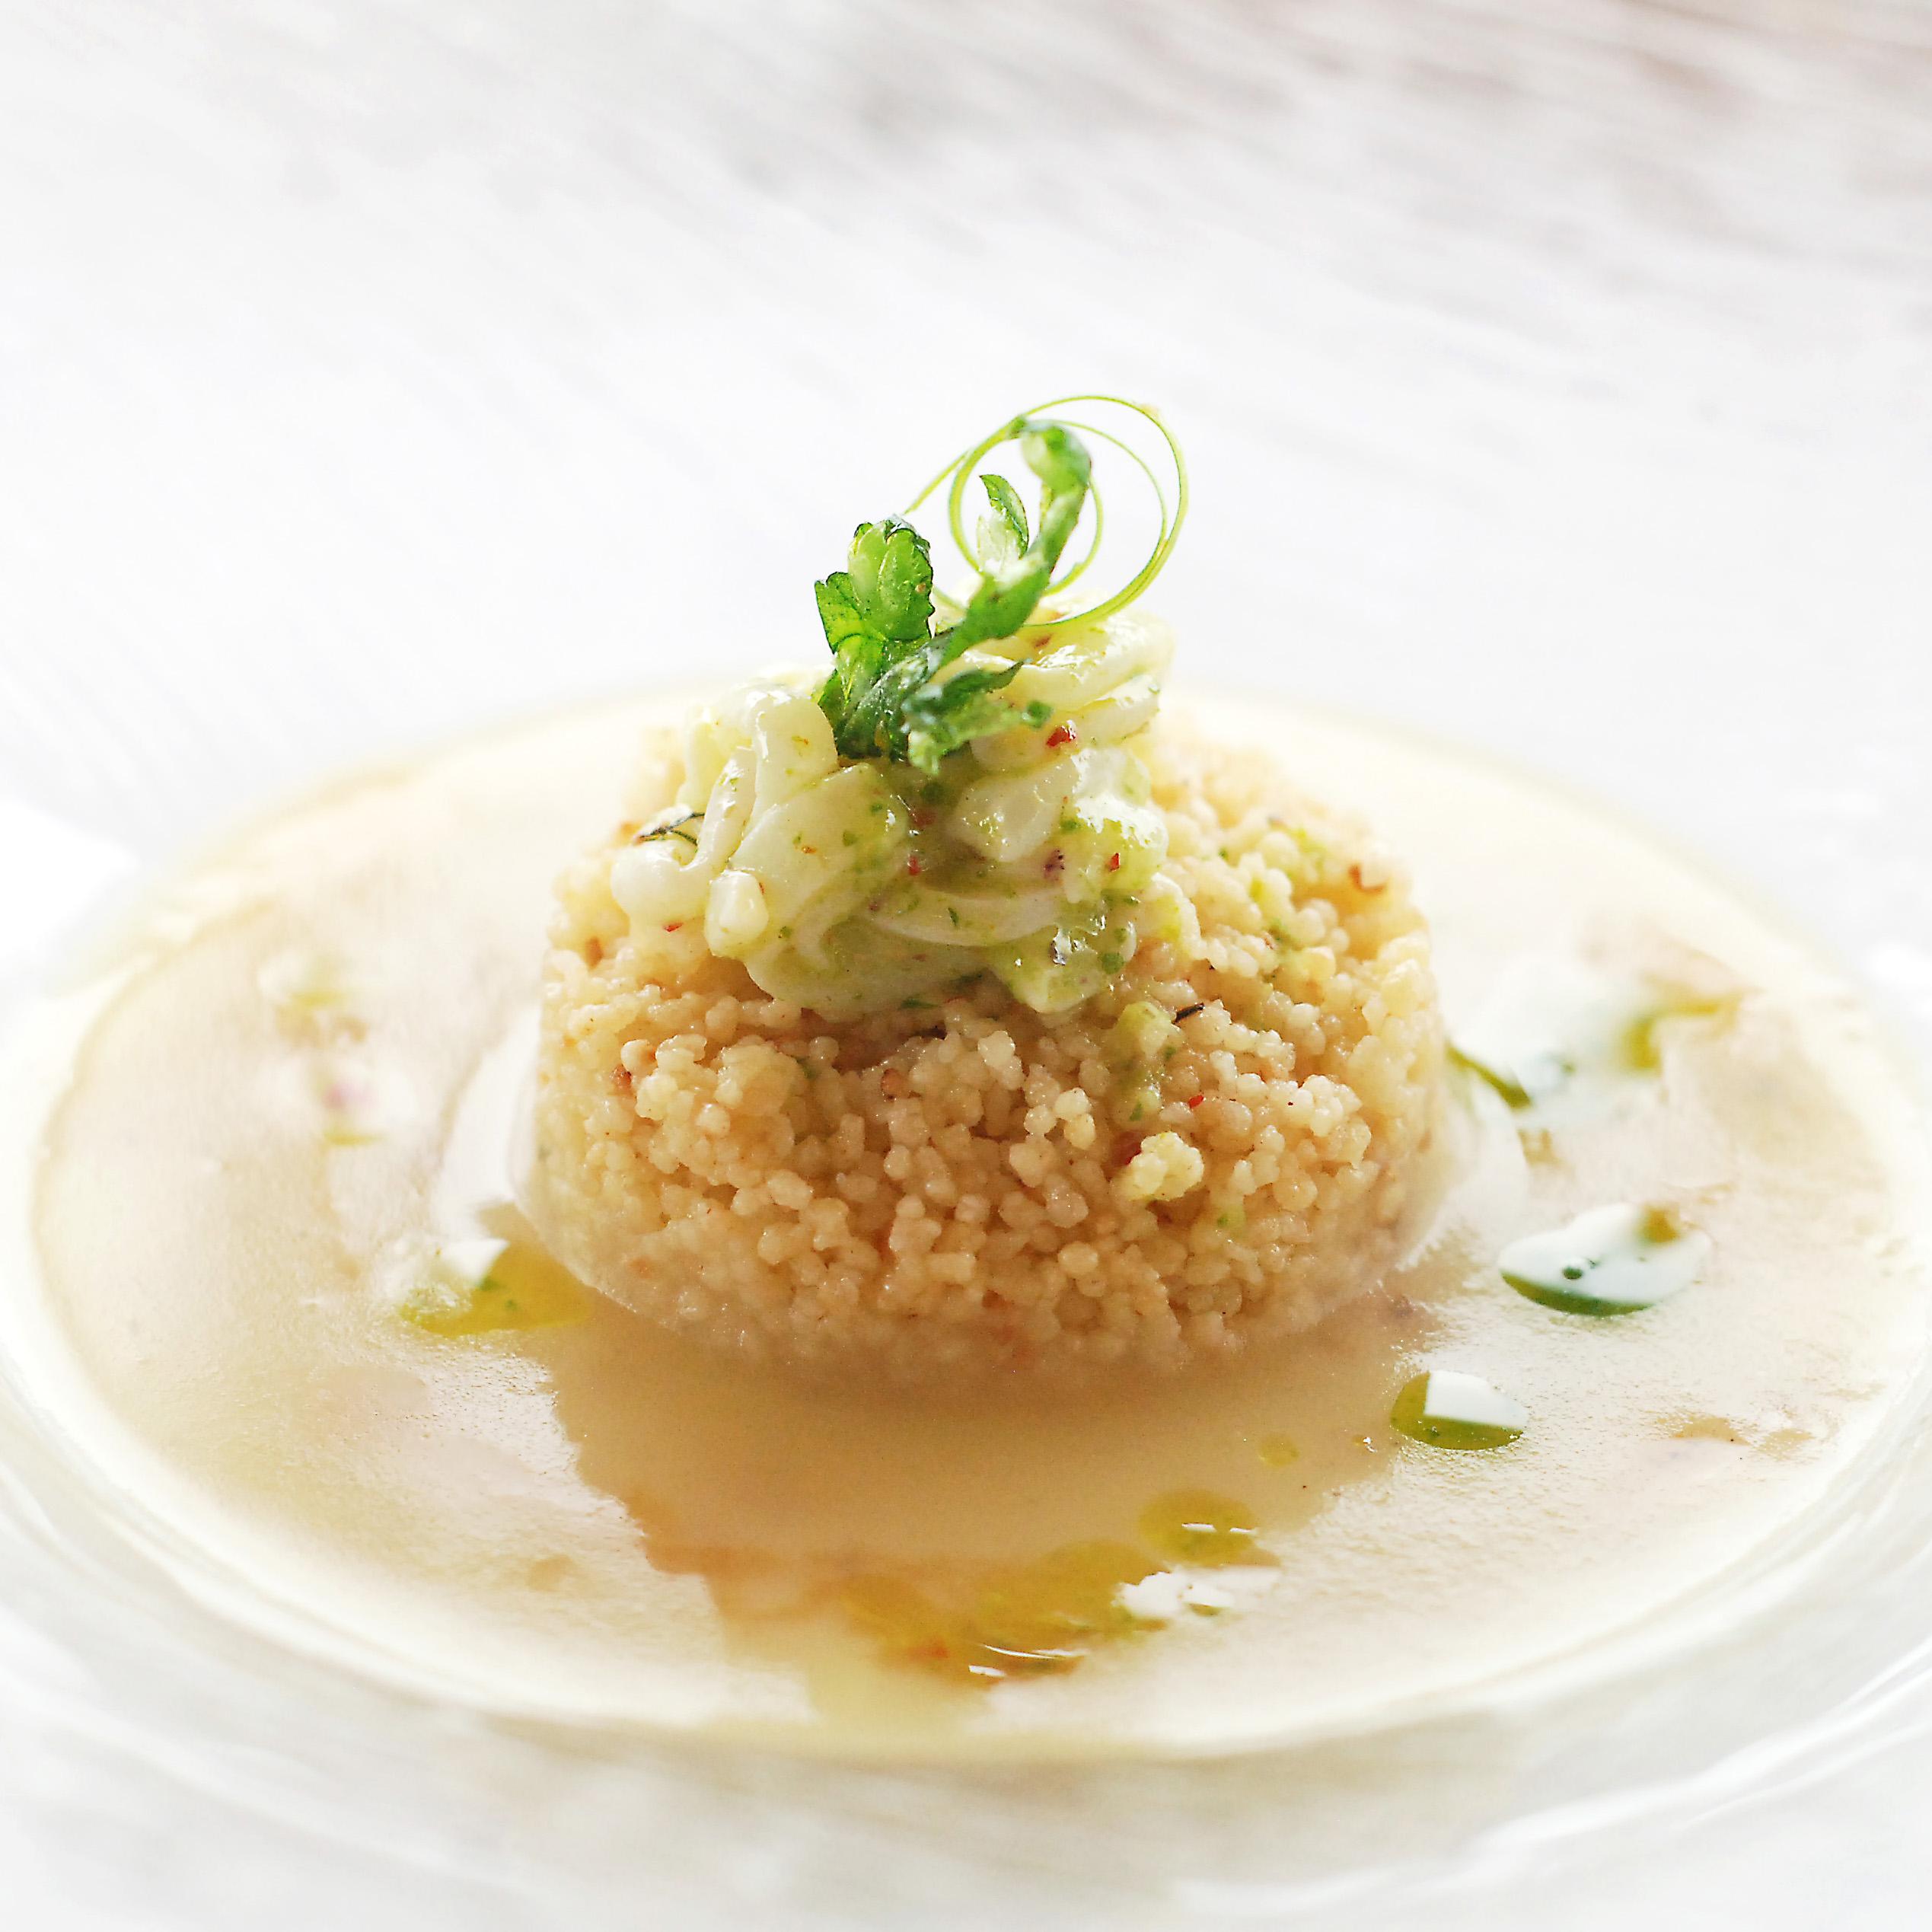 Crema-di-patata-De.Co-di-SantEufemia-cous-cous-e-tagliatelline-di-calamaro-e-sentore-di-sigar_Chef-trovato